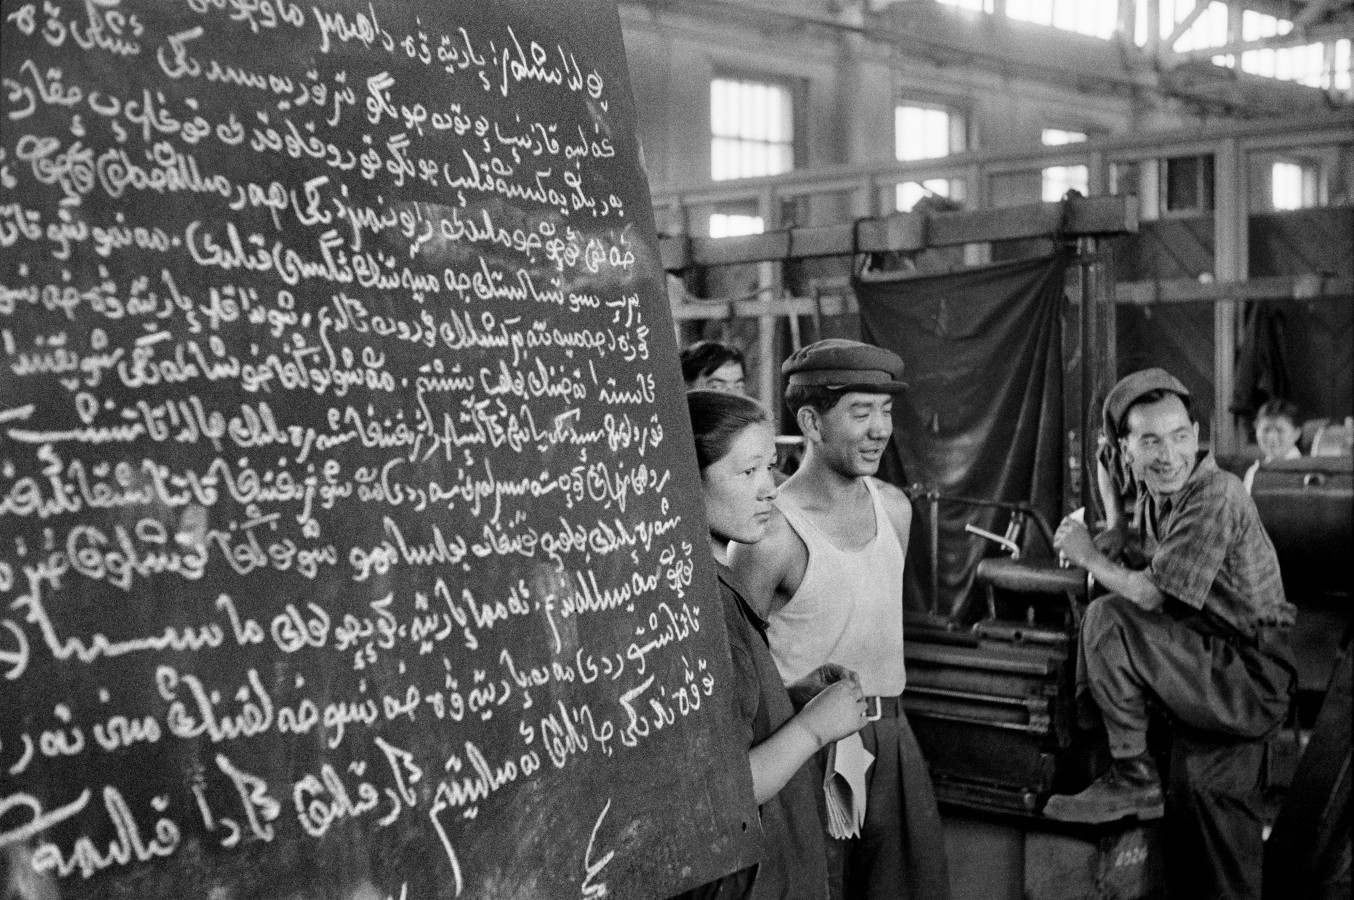 henri cartier bresson photo essay